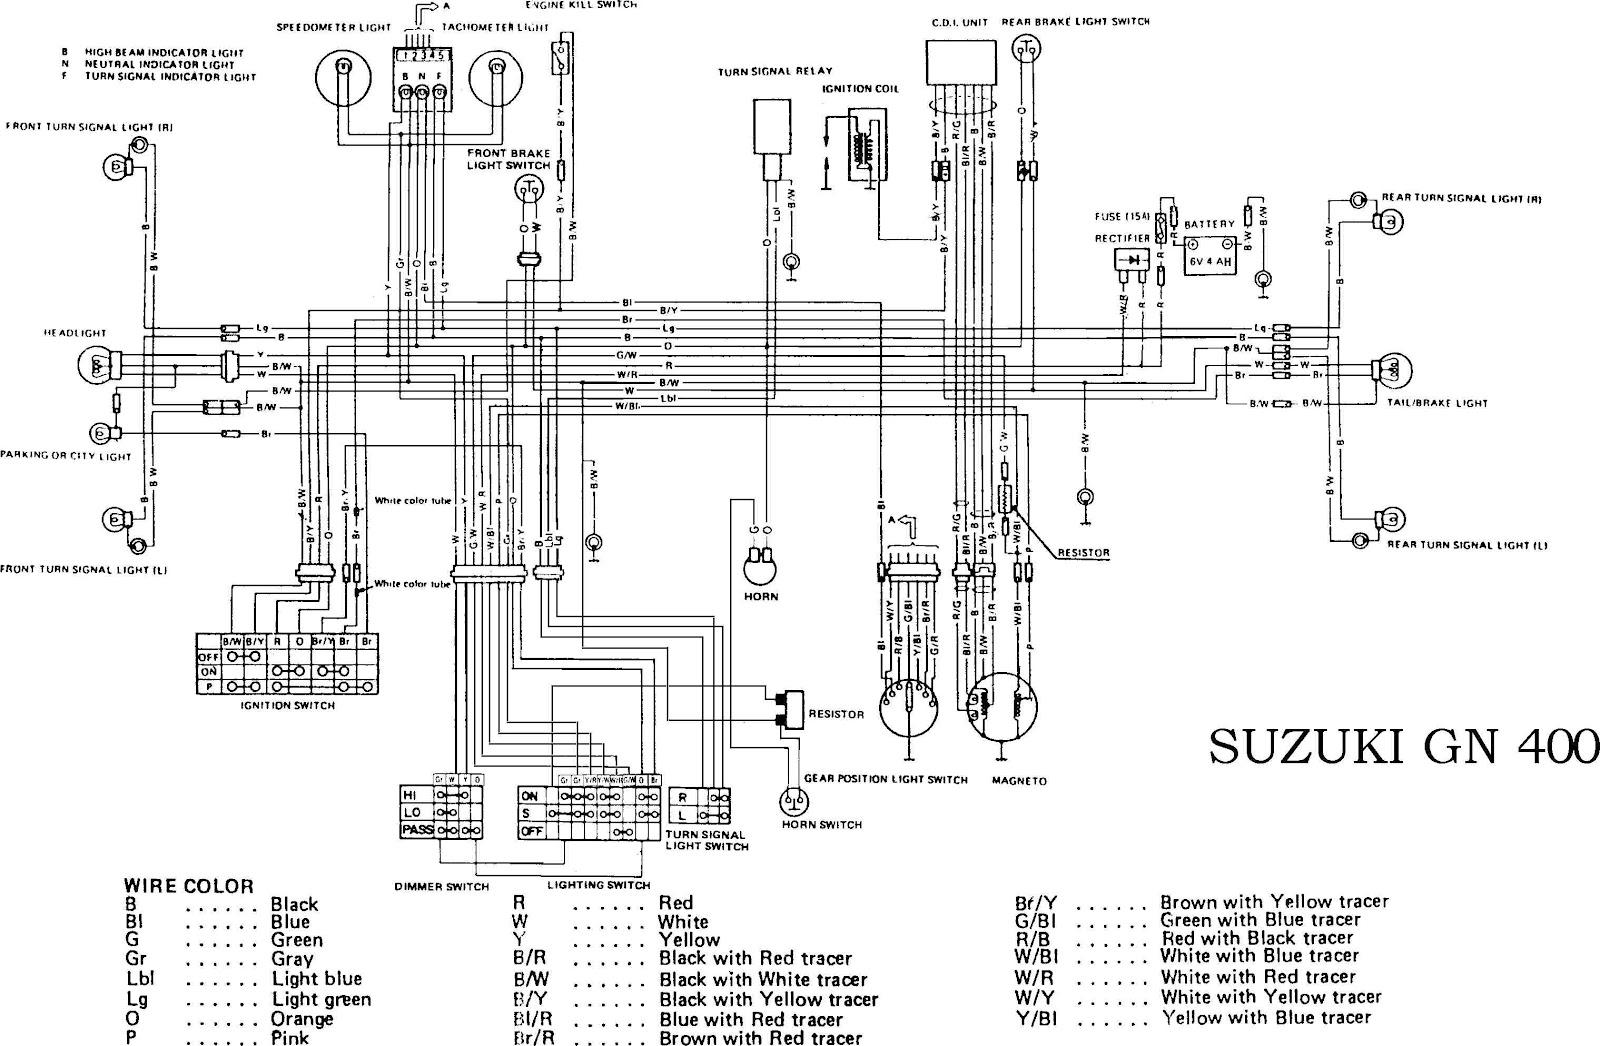 1998 Gsxr 750 Srad Wiring Diagram: 2008 Gsxr 600 Wiring Diagram - Wiring  Diagrams Schematicsrh